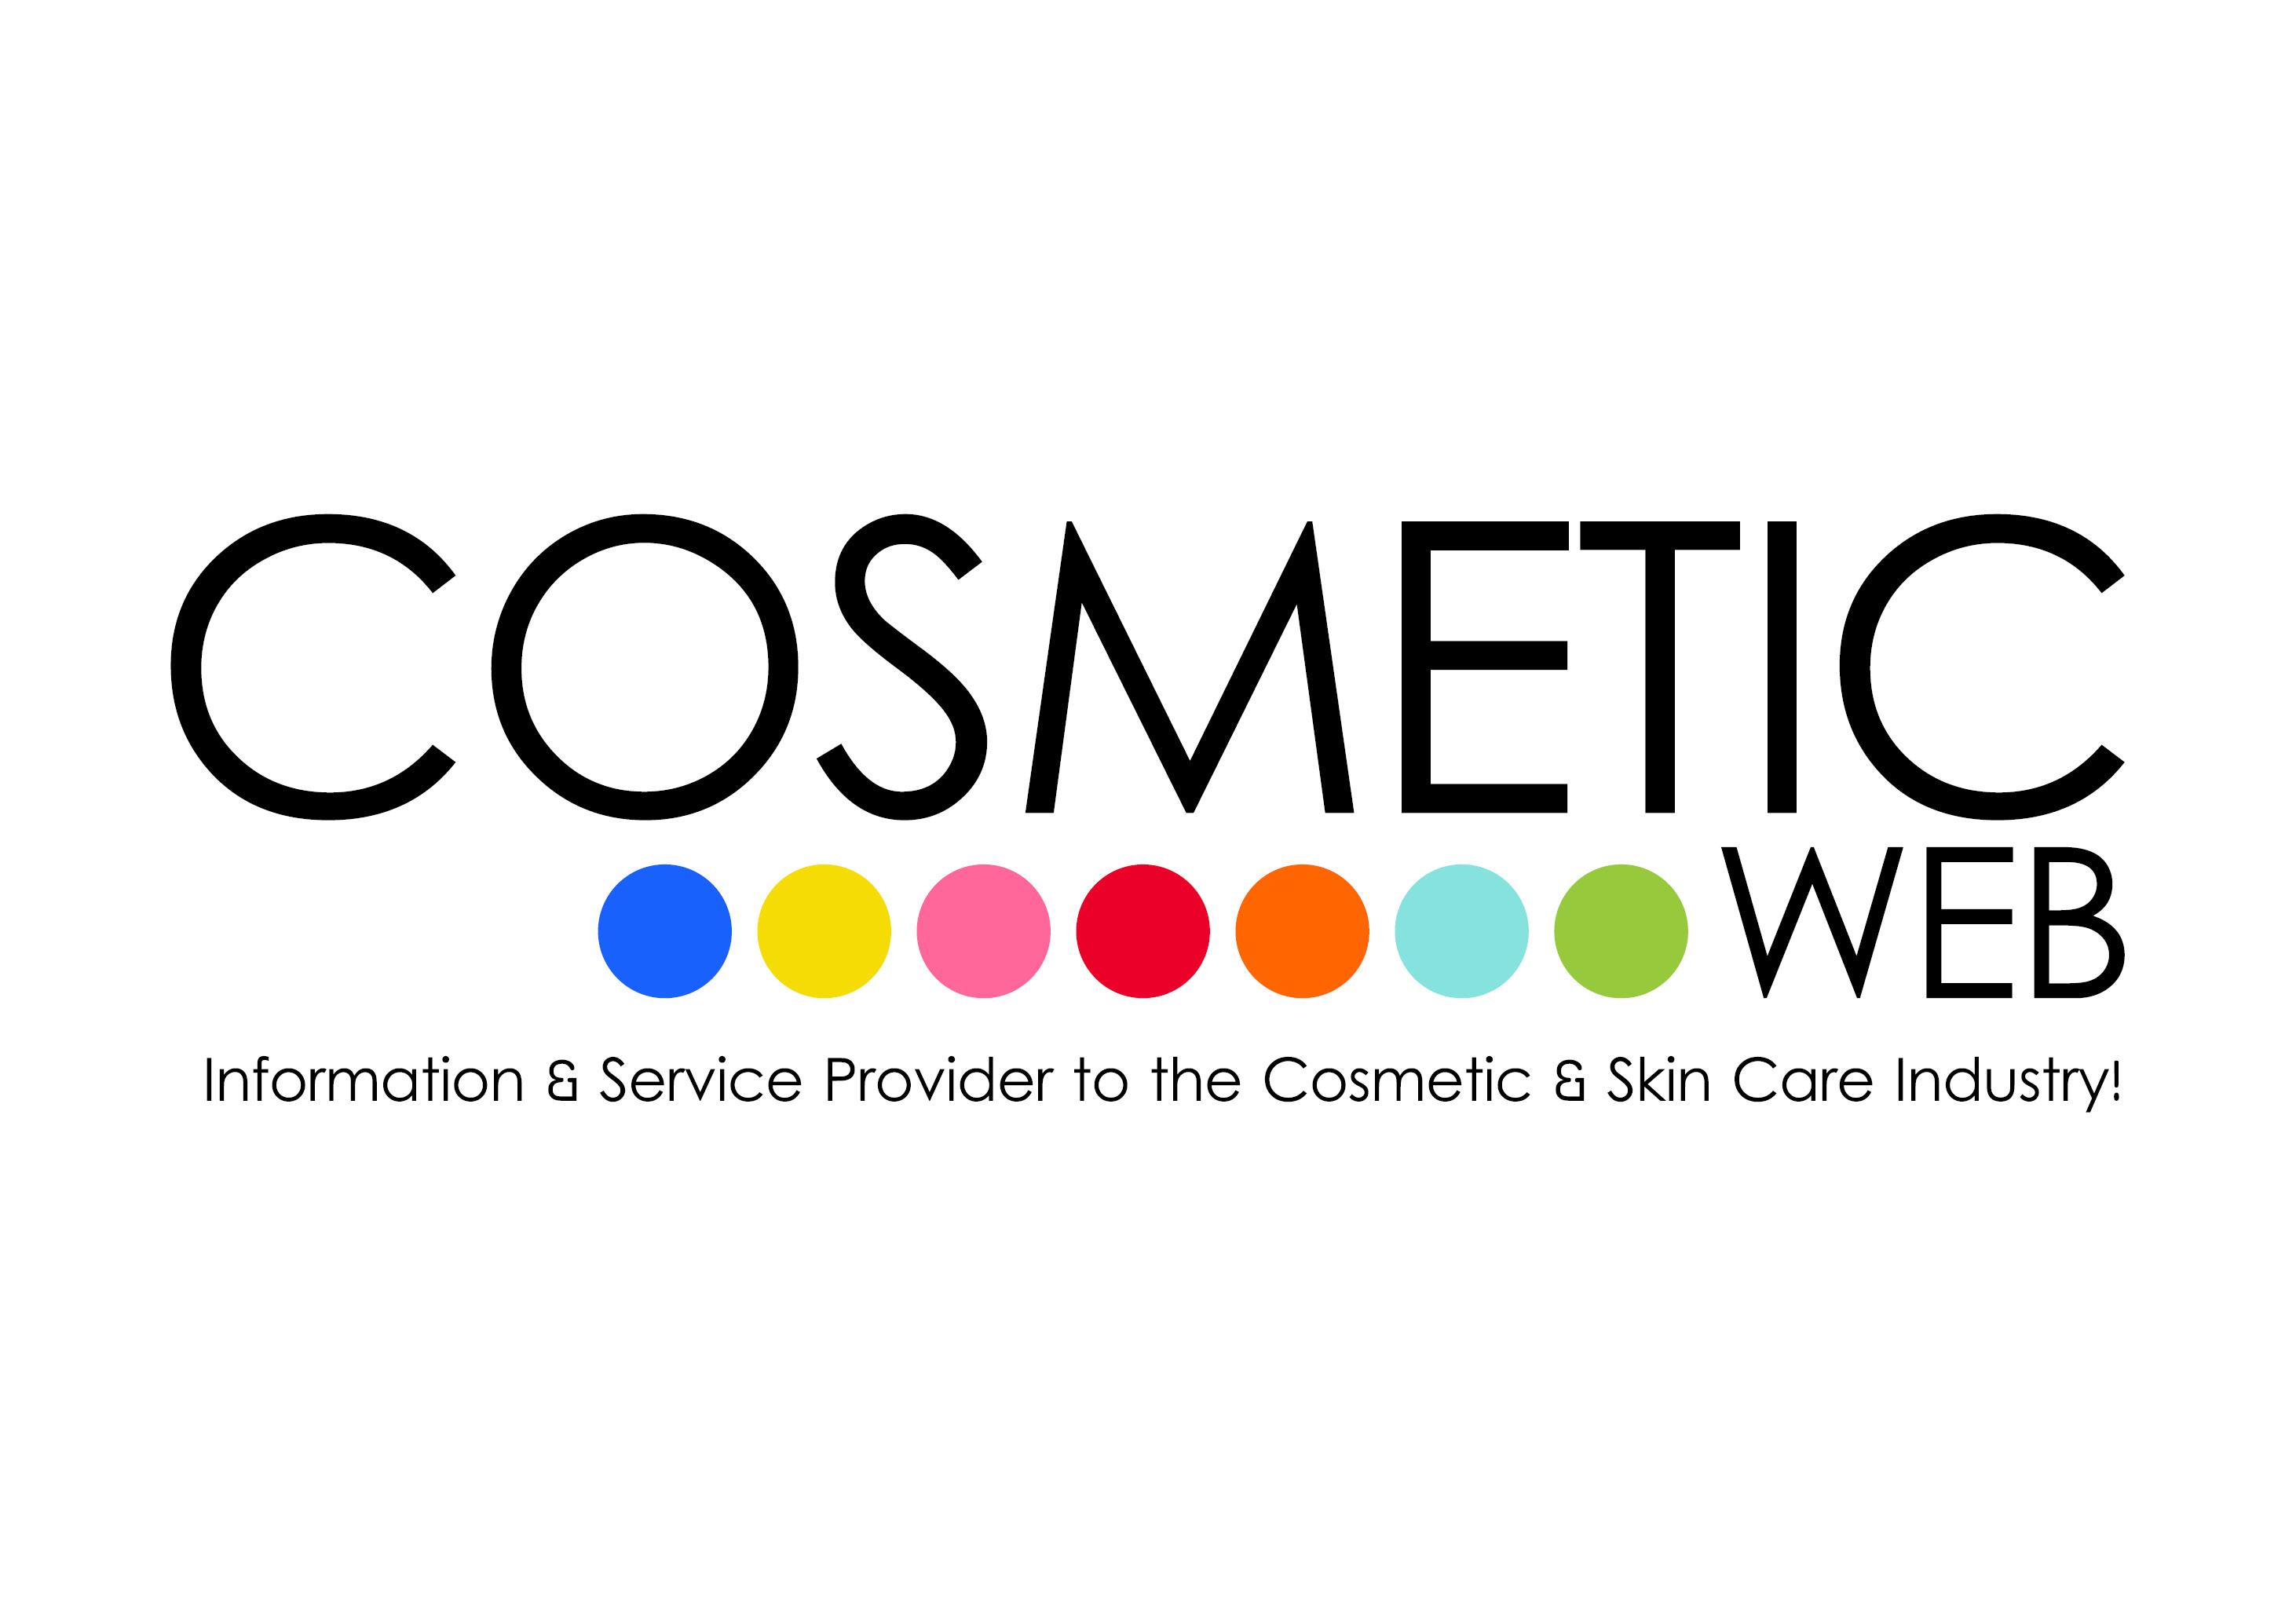 CosmeticWeb